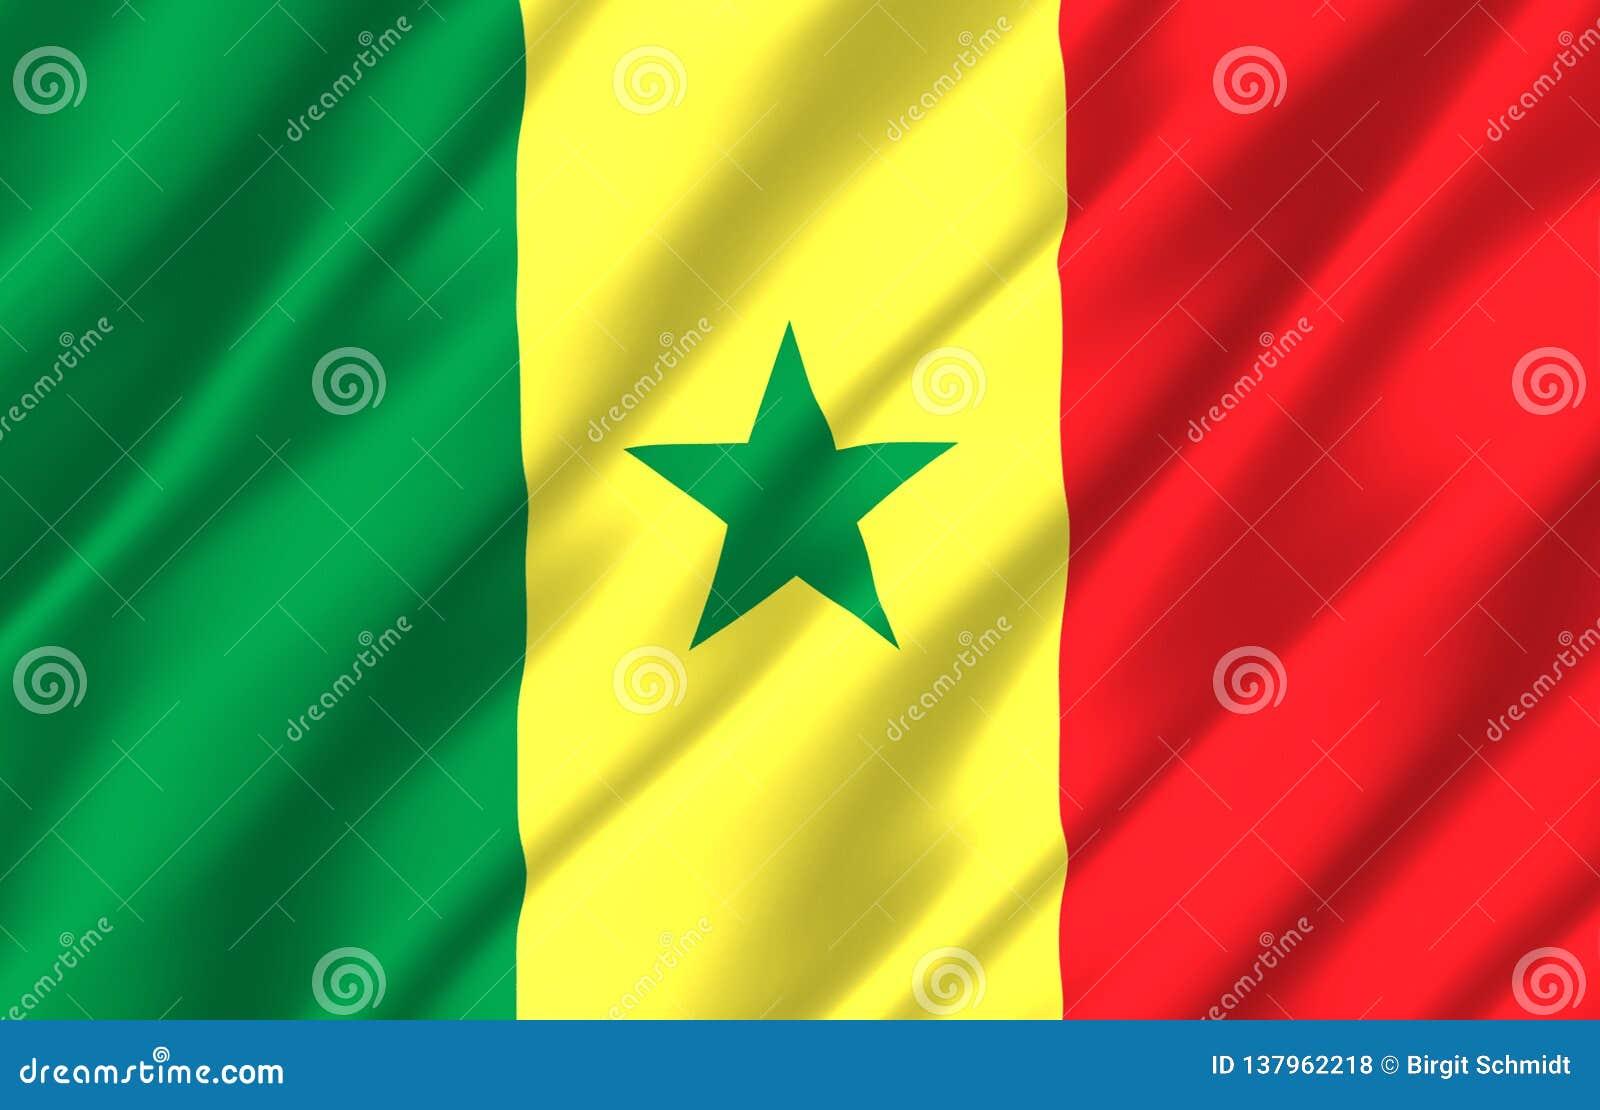 Illustration réaliste de drapeau du Sénégal